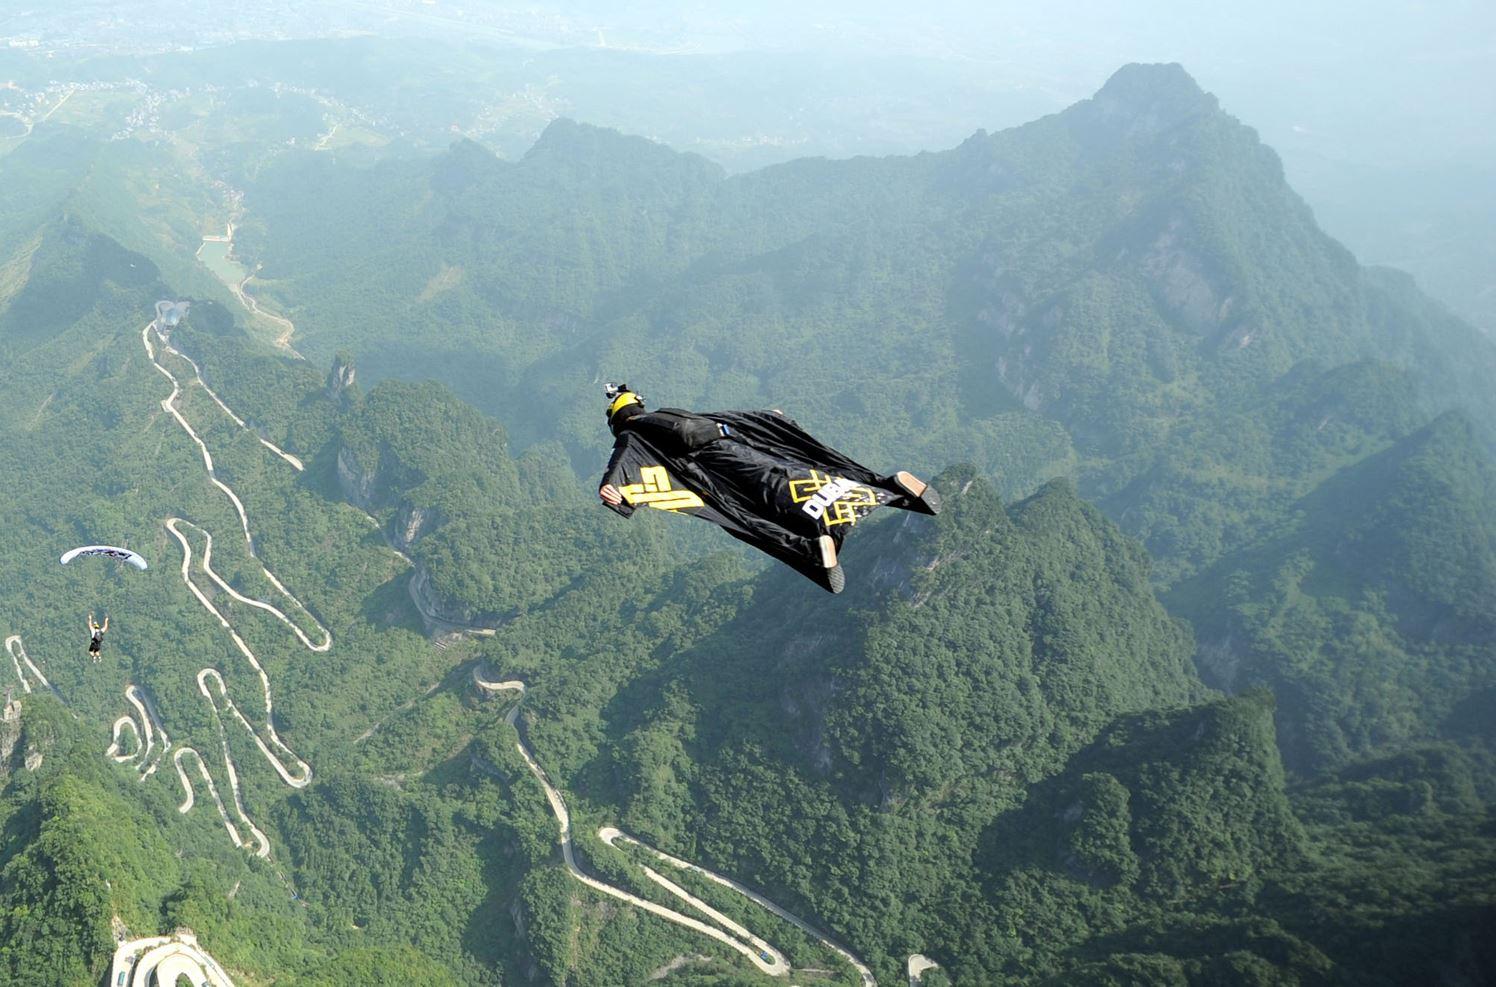 Горы Тяньмэнь в г. о. Чжанцзяцзе, пр. Хунань.